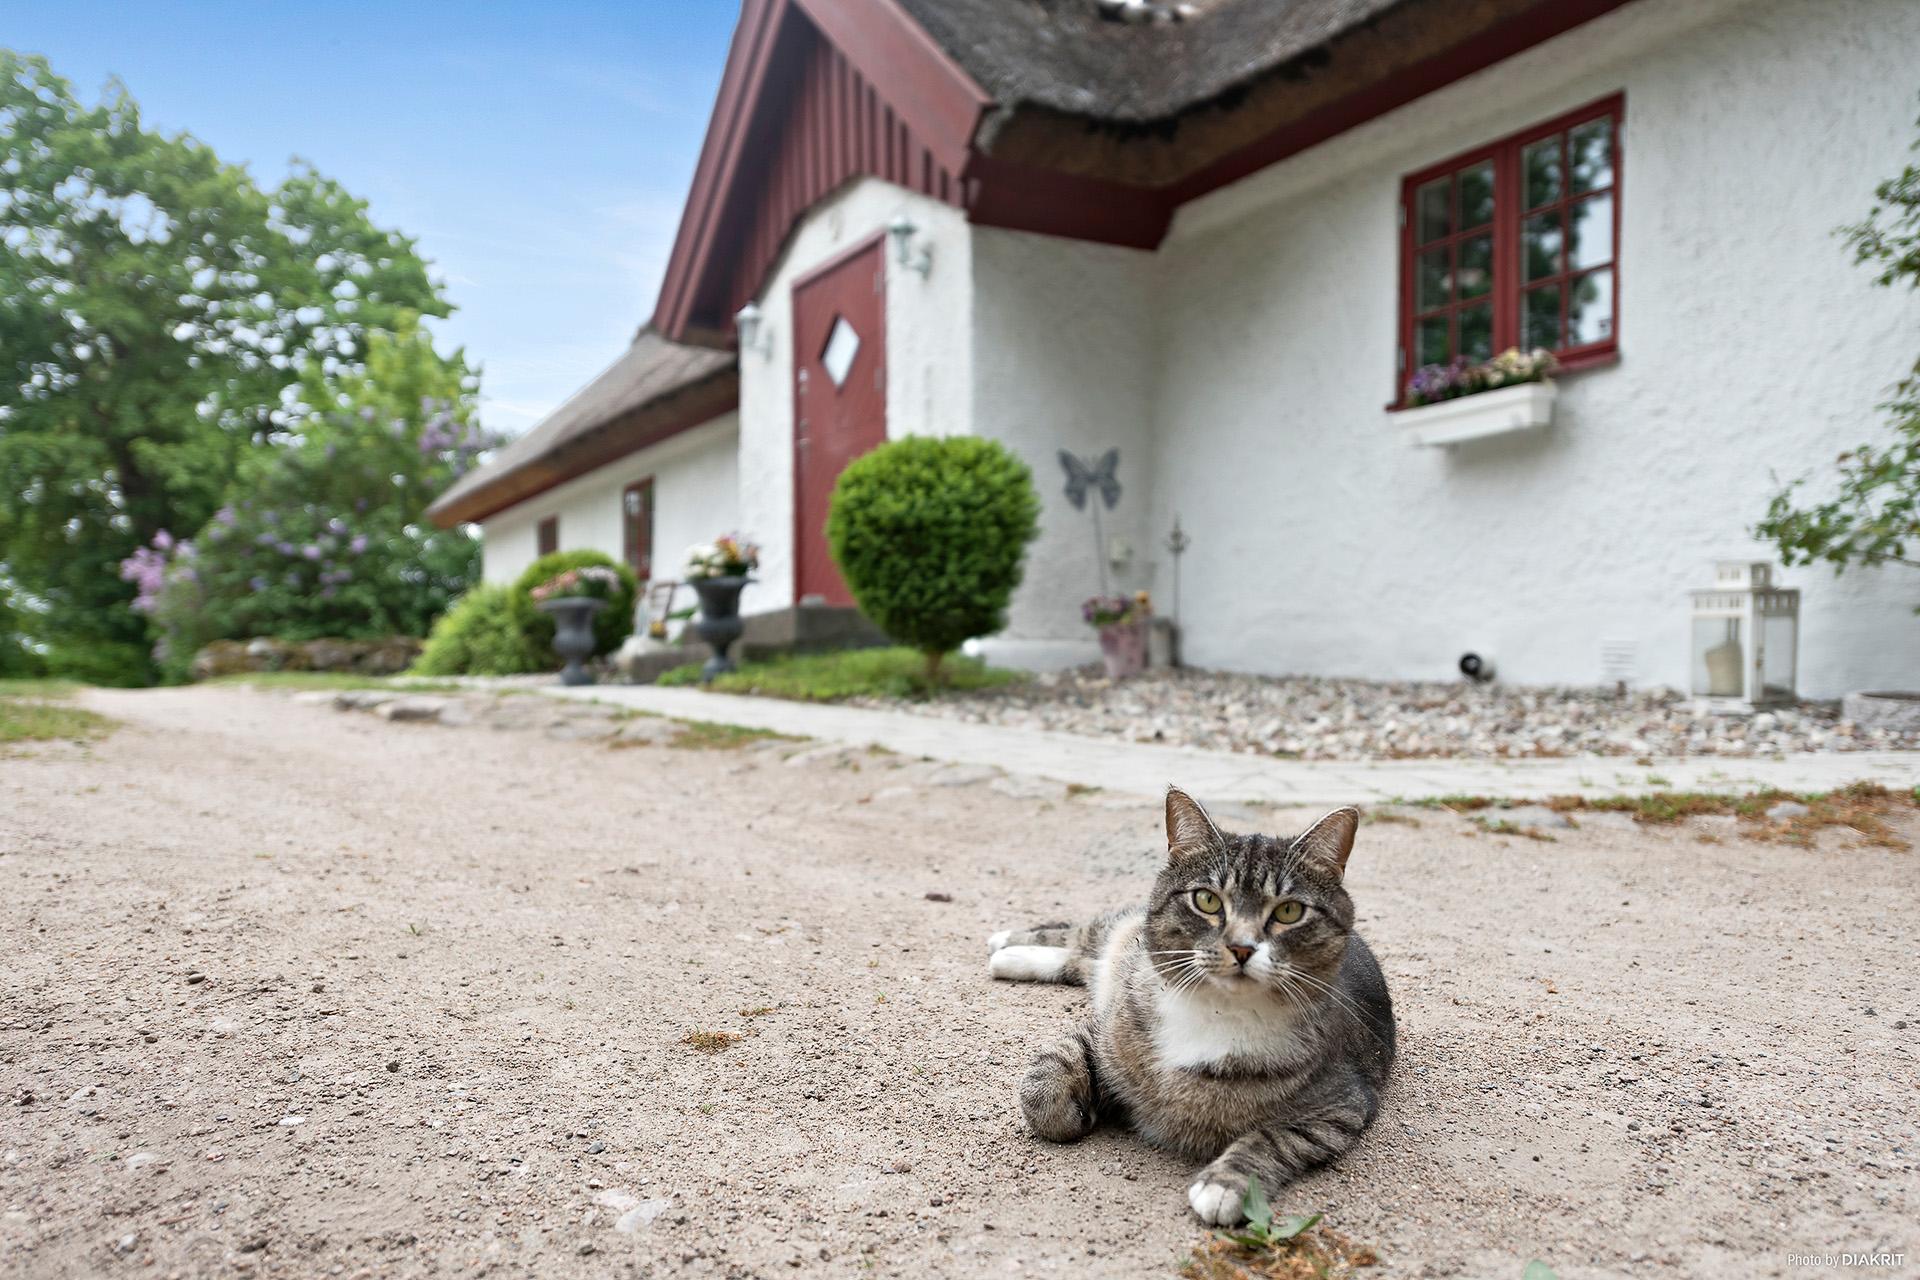 Vasstak, putsad fasad och fönster som smälter bra in. Pittoreskt! Lilla katten passar bra in.